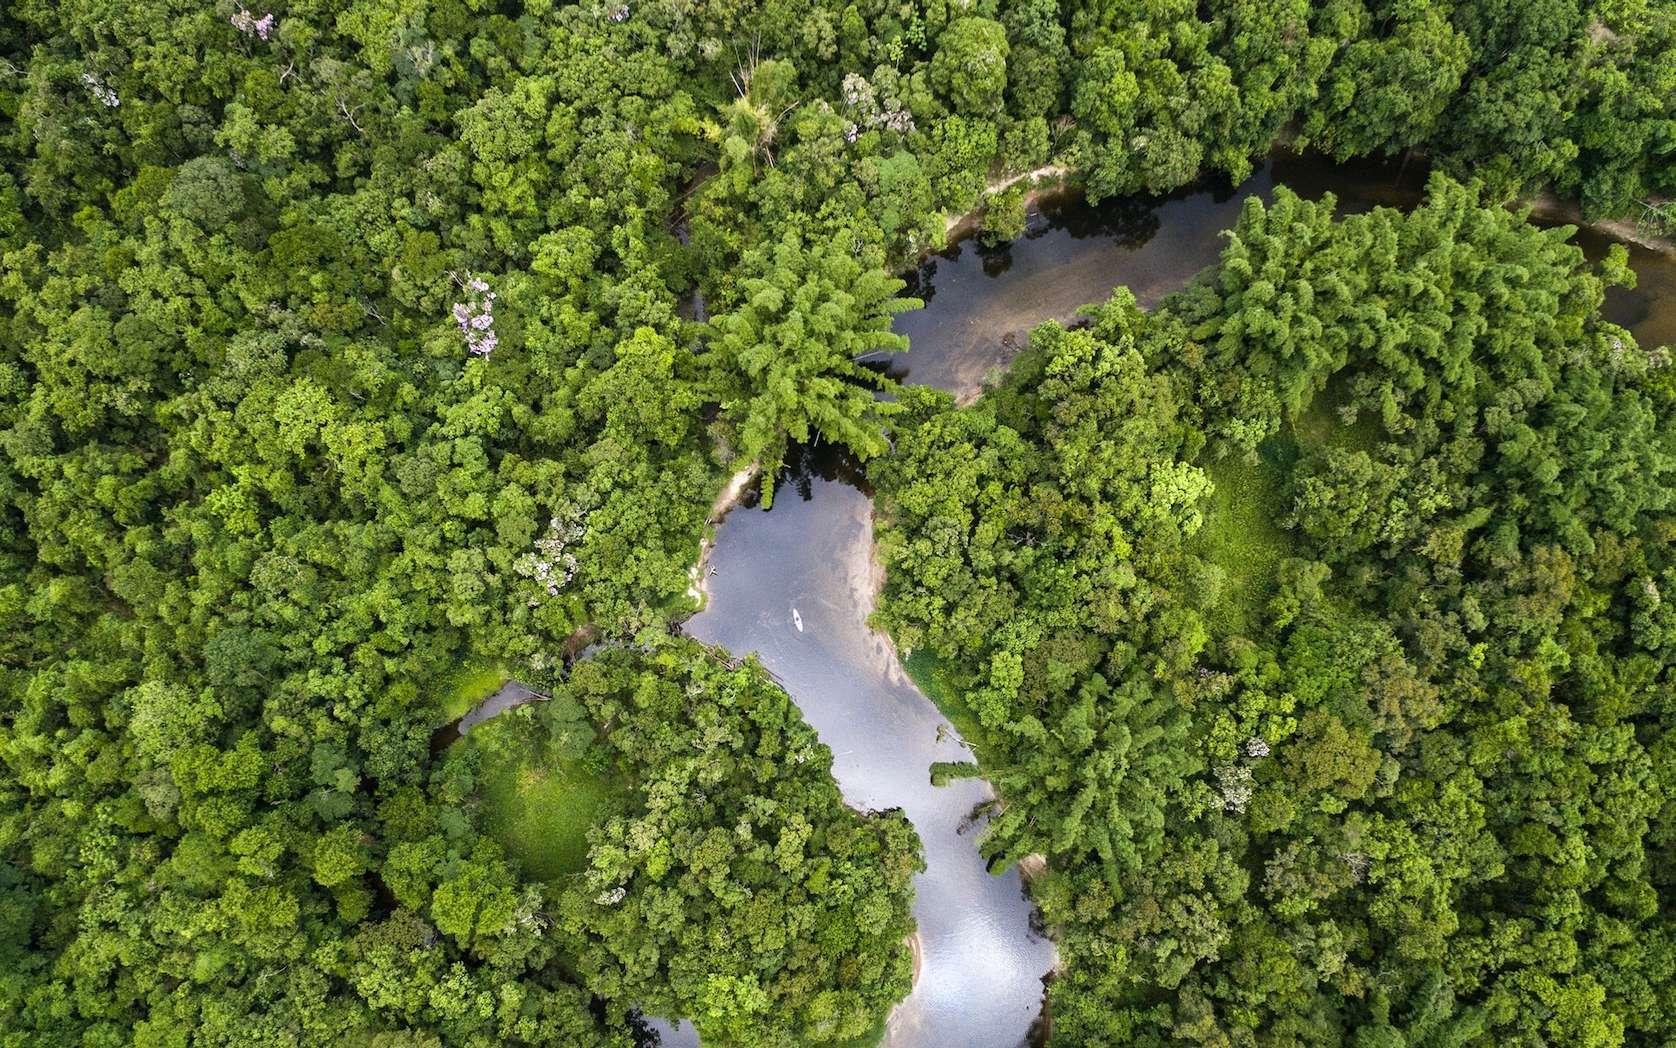 La forêt amazonienne compterait 107 tribus vivant sans contact avec notre civilisation. © Funai